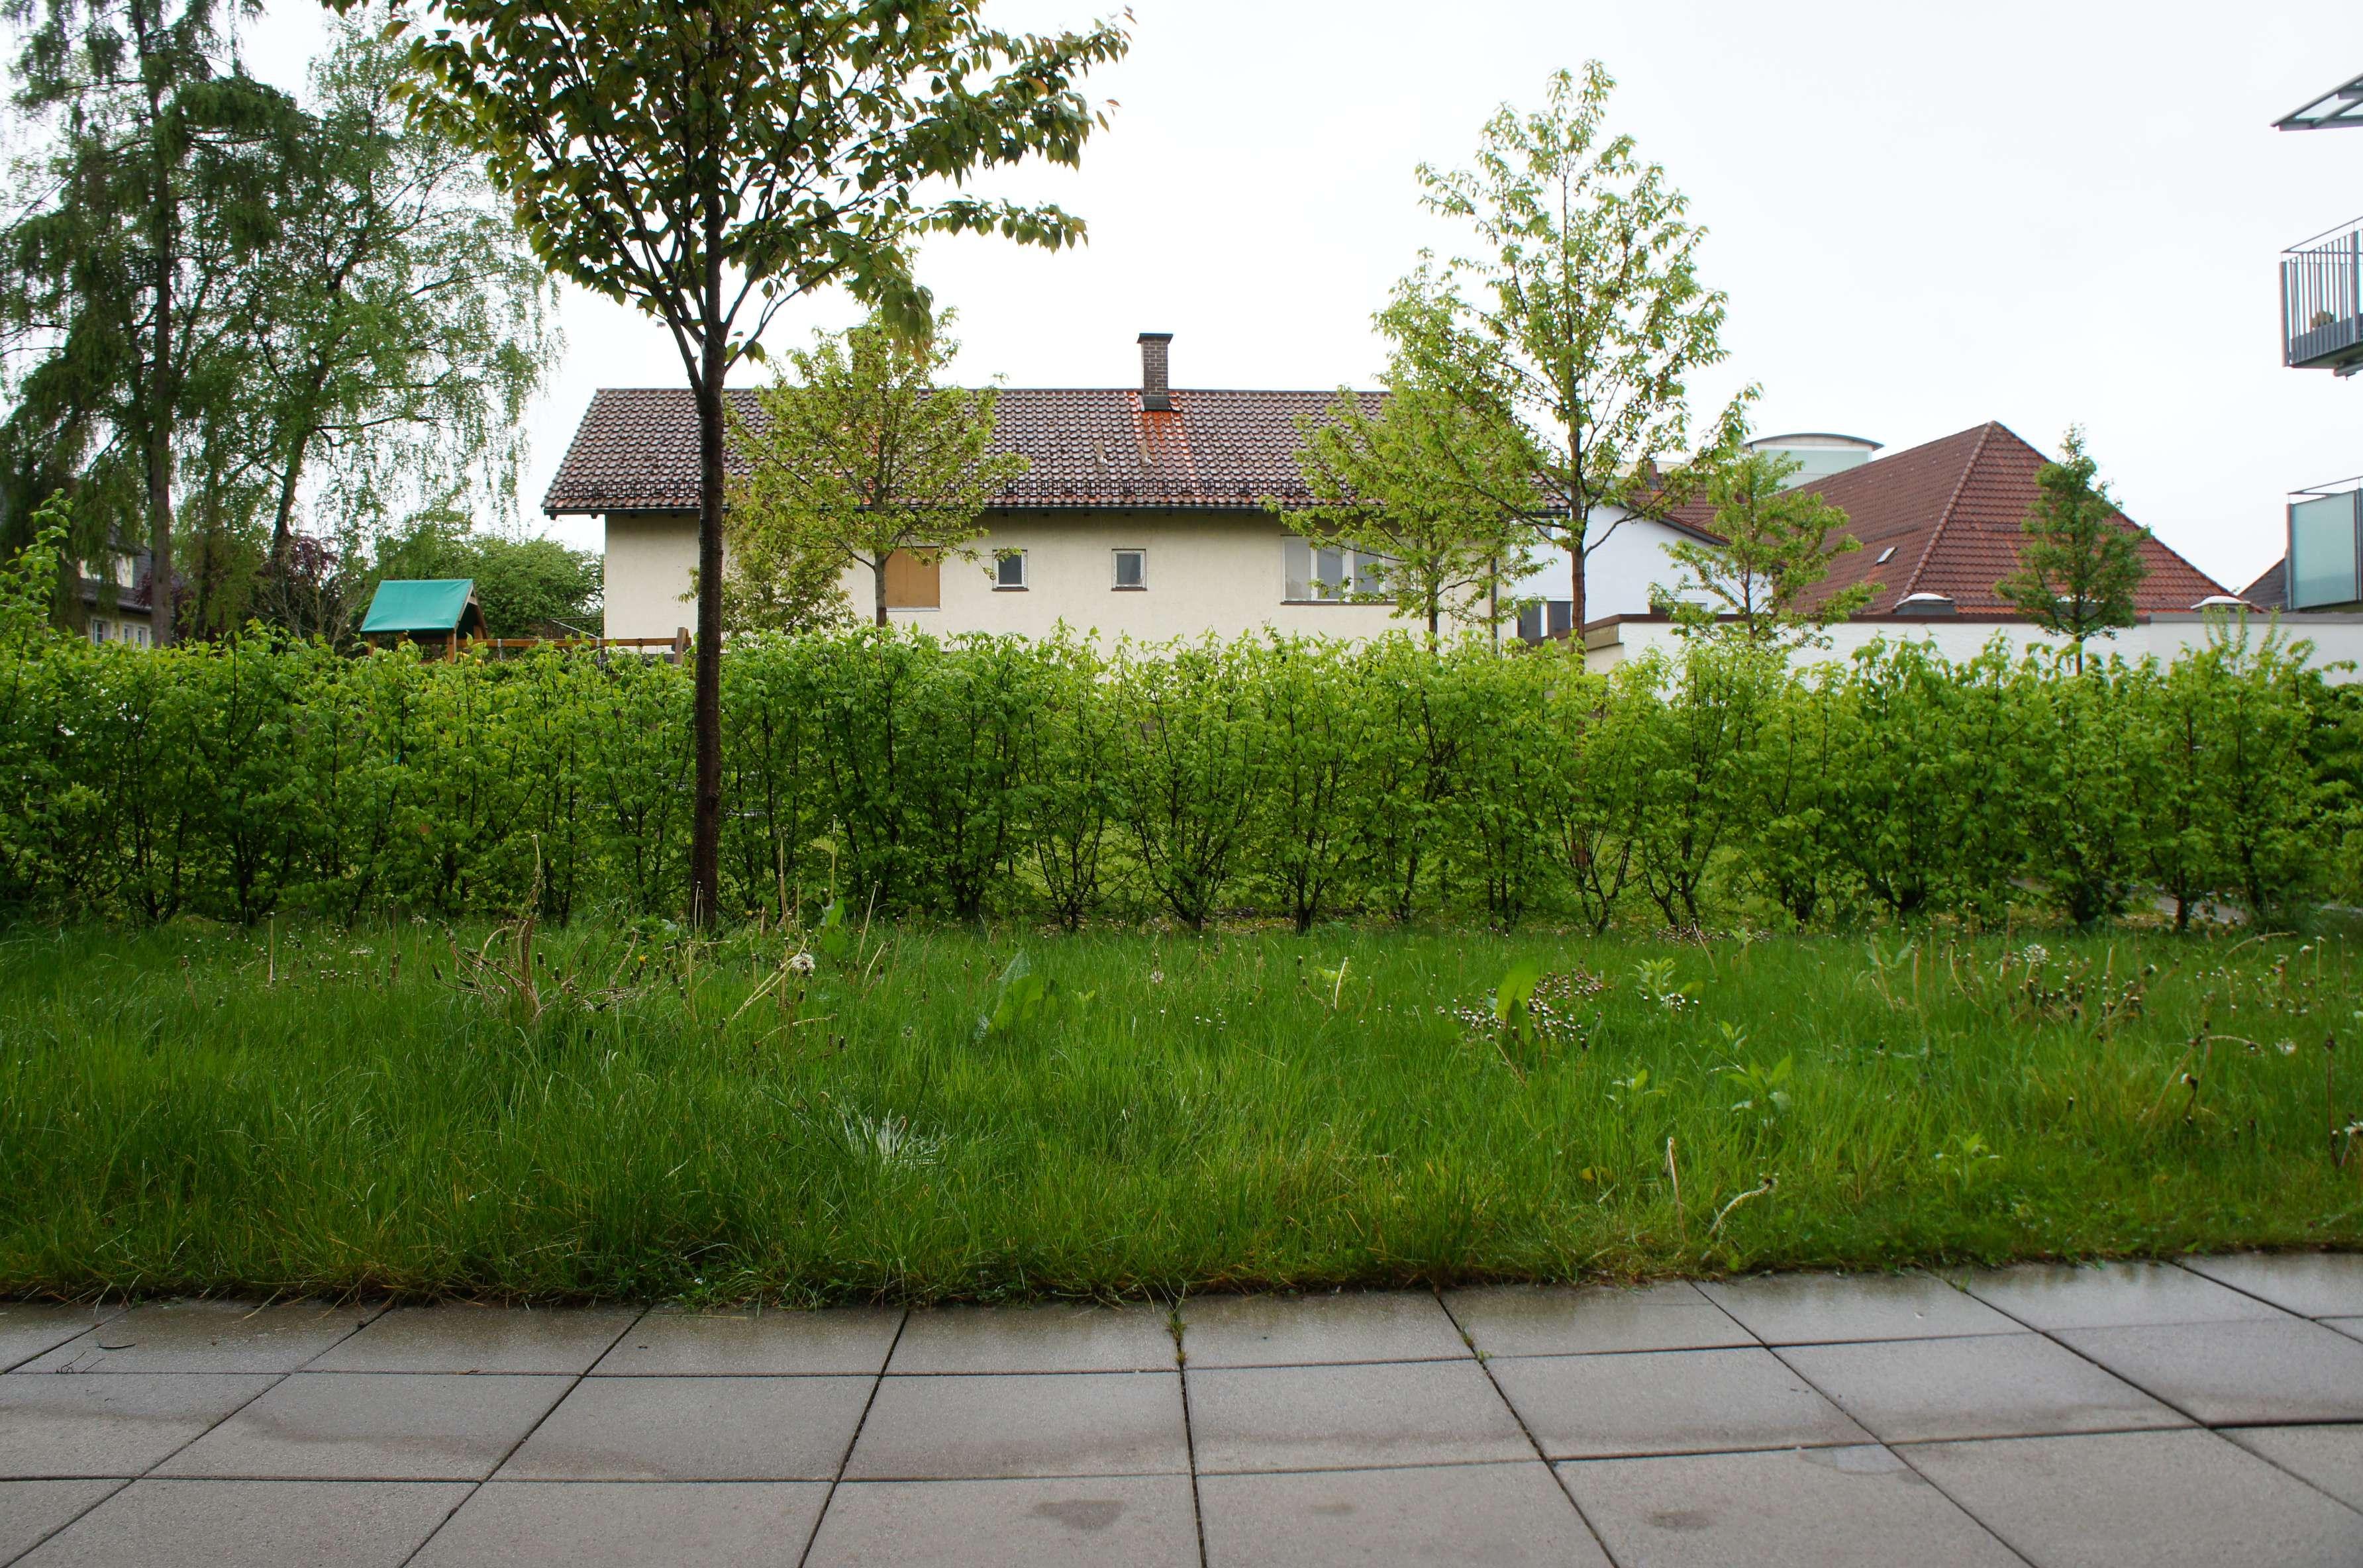 Erdgeschoss - Schöne 3-Zimmer-Wohnung mit eigenem Garten in Bahnhofsnähe in Mühldorf am Inn